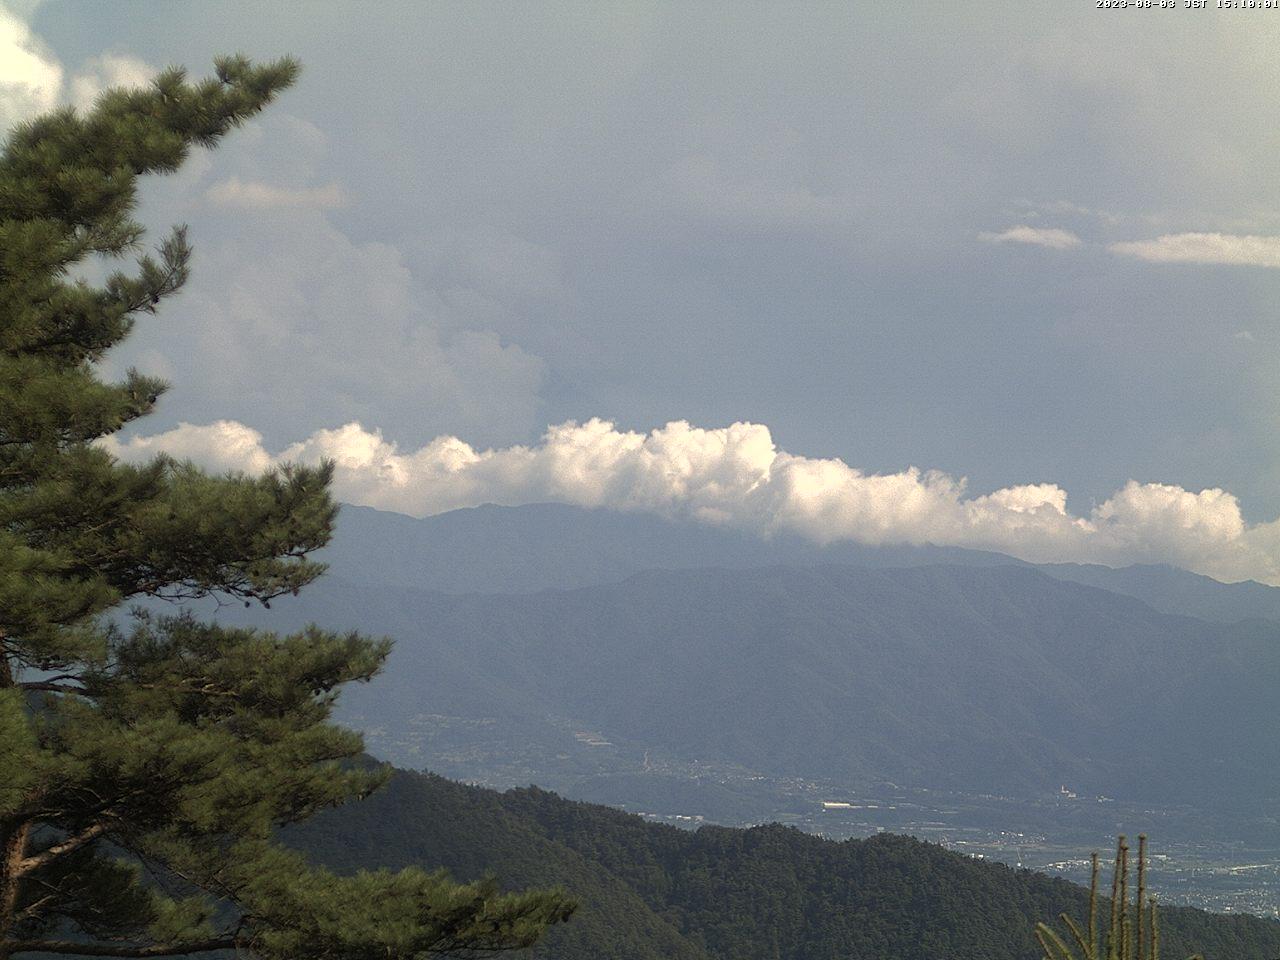 甲府盆地と富士山 ライブカメラ